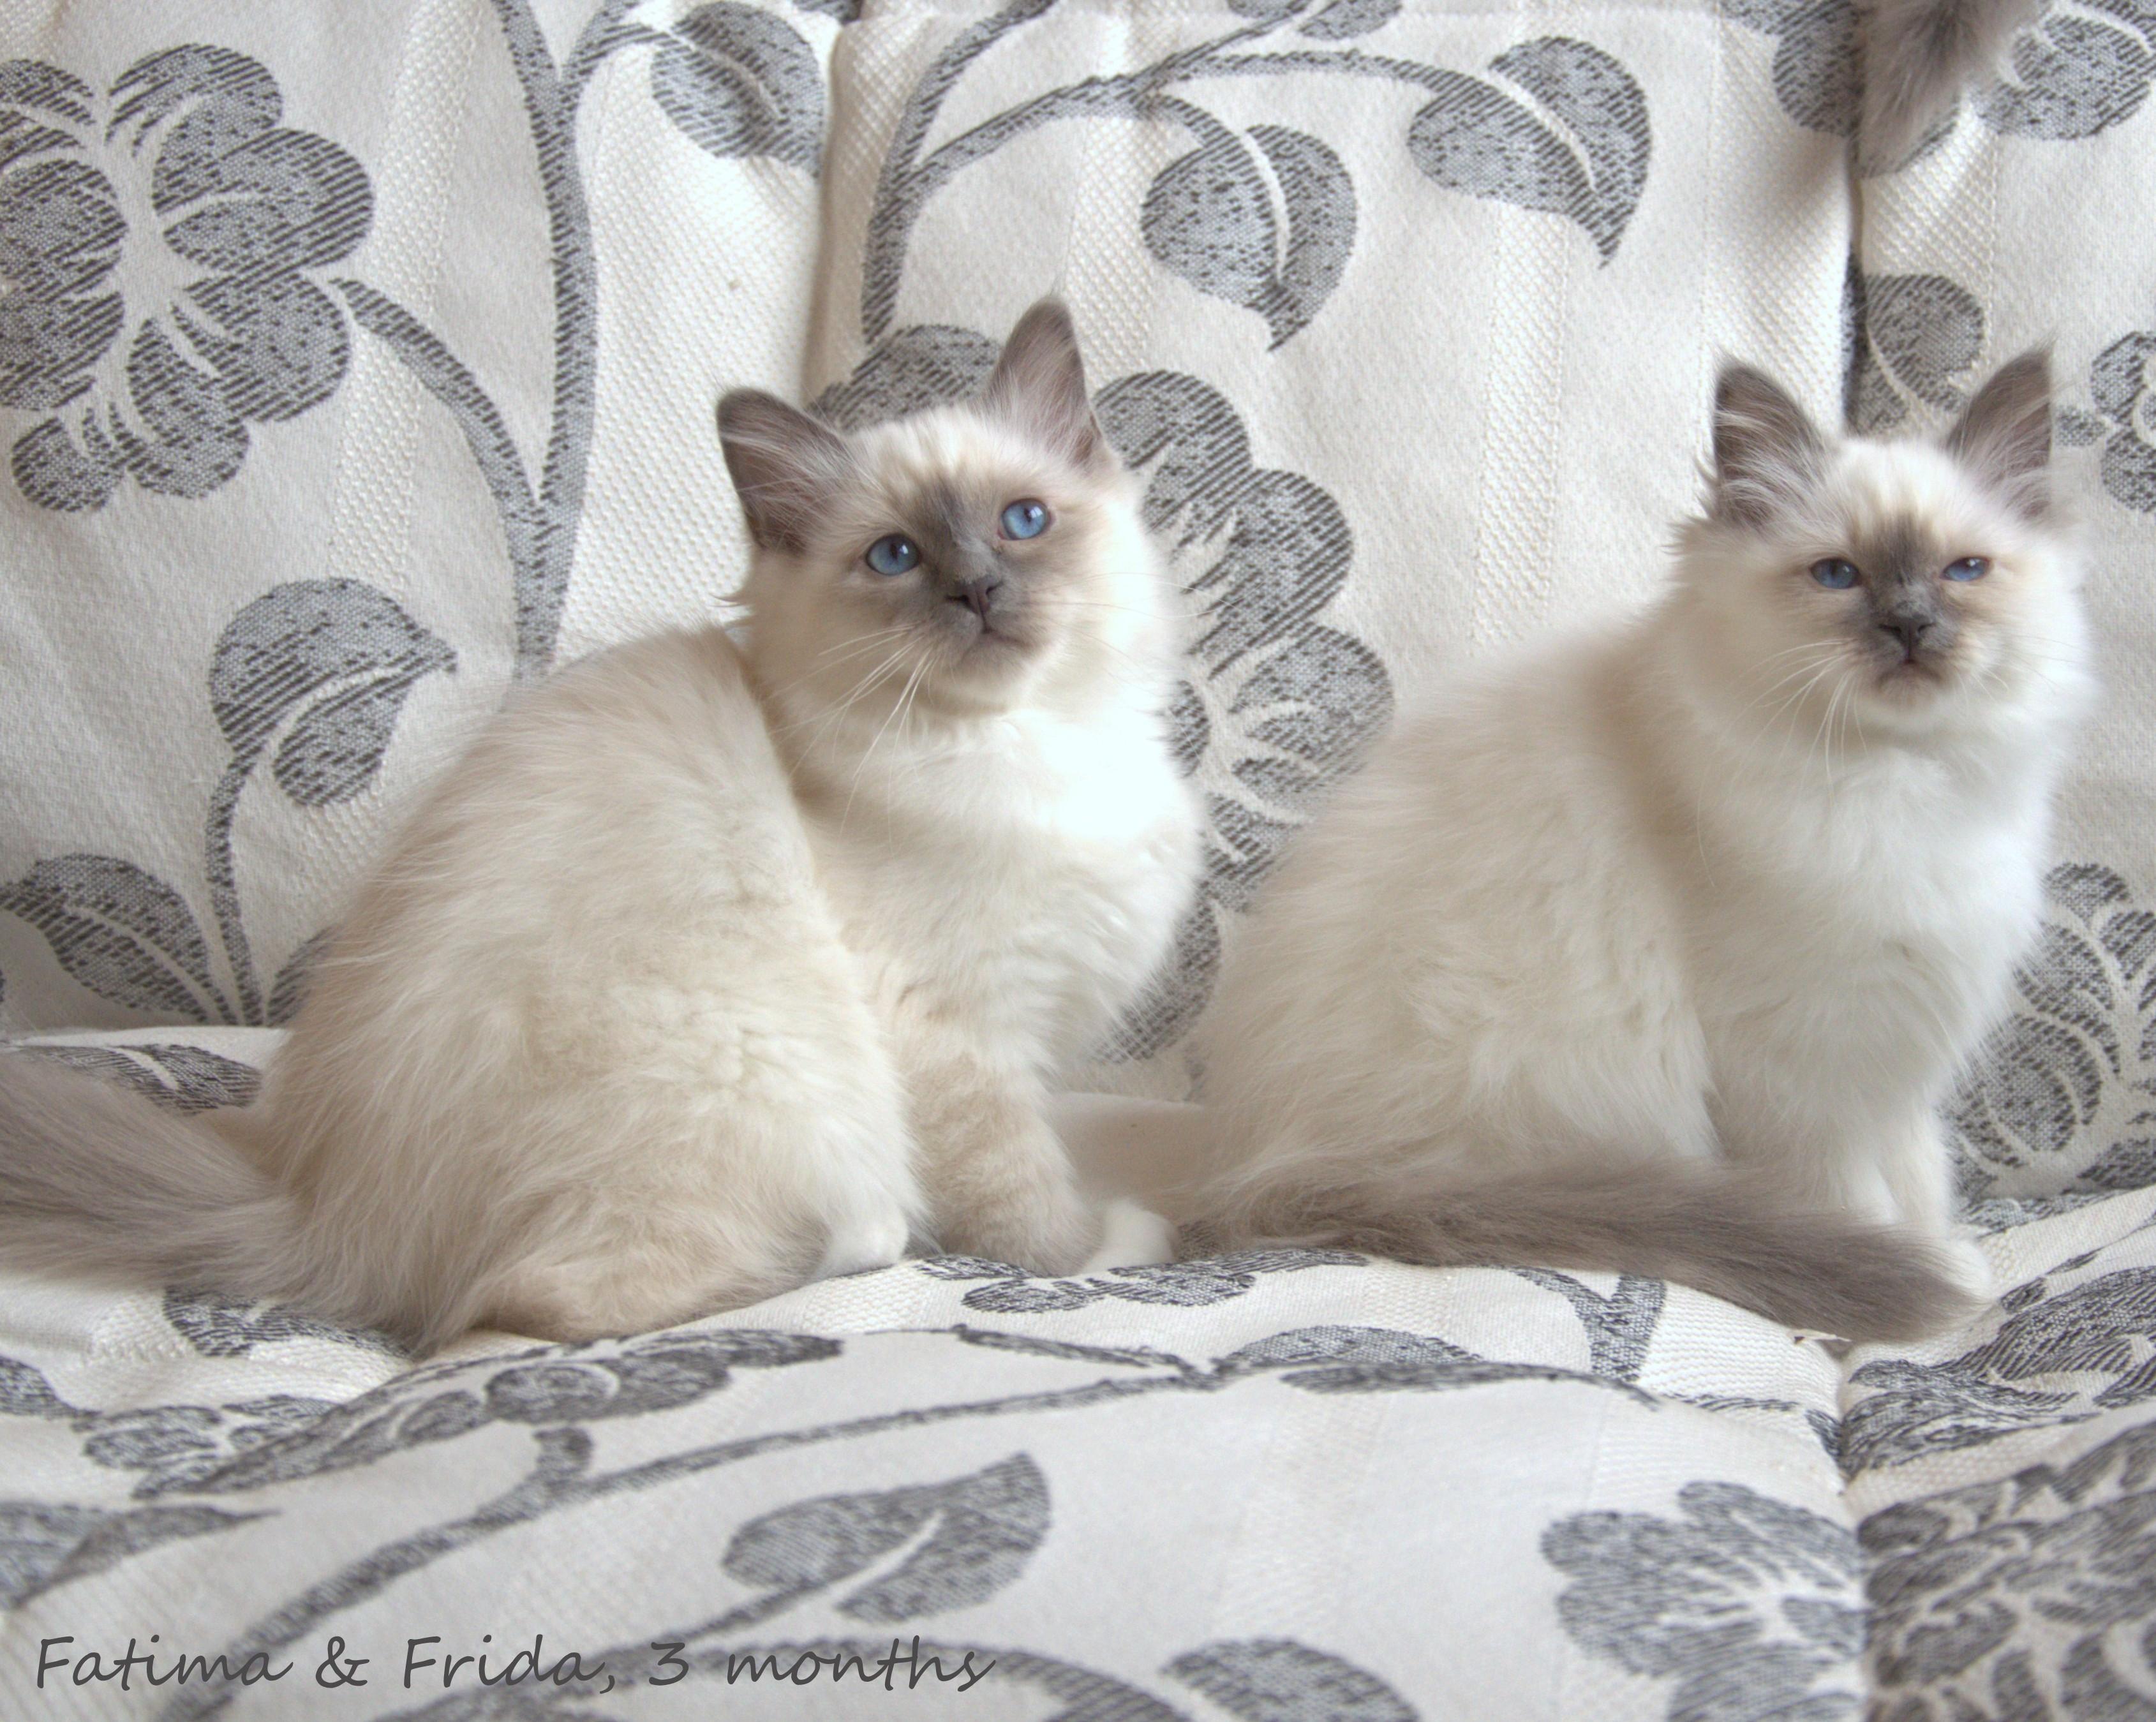 Фатима и Фрида.jpg